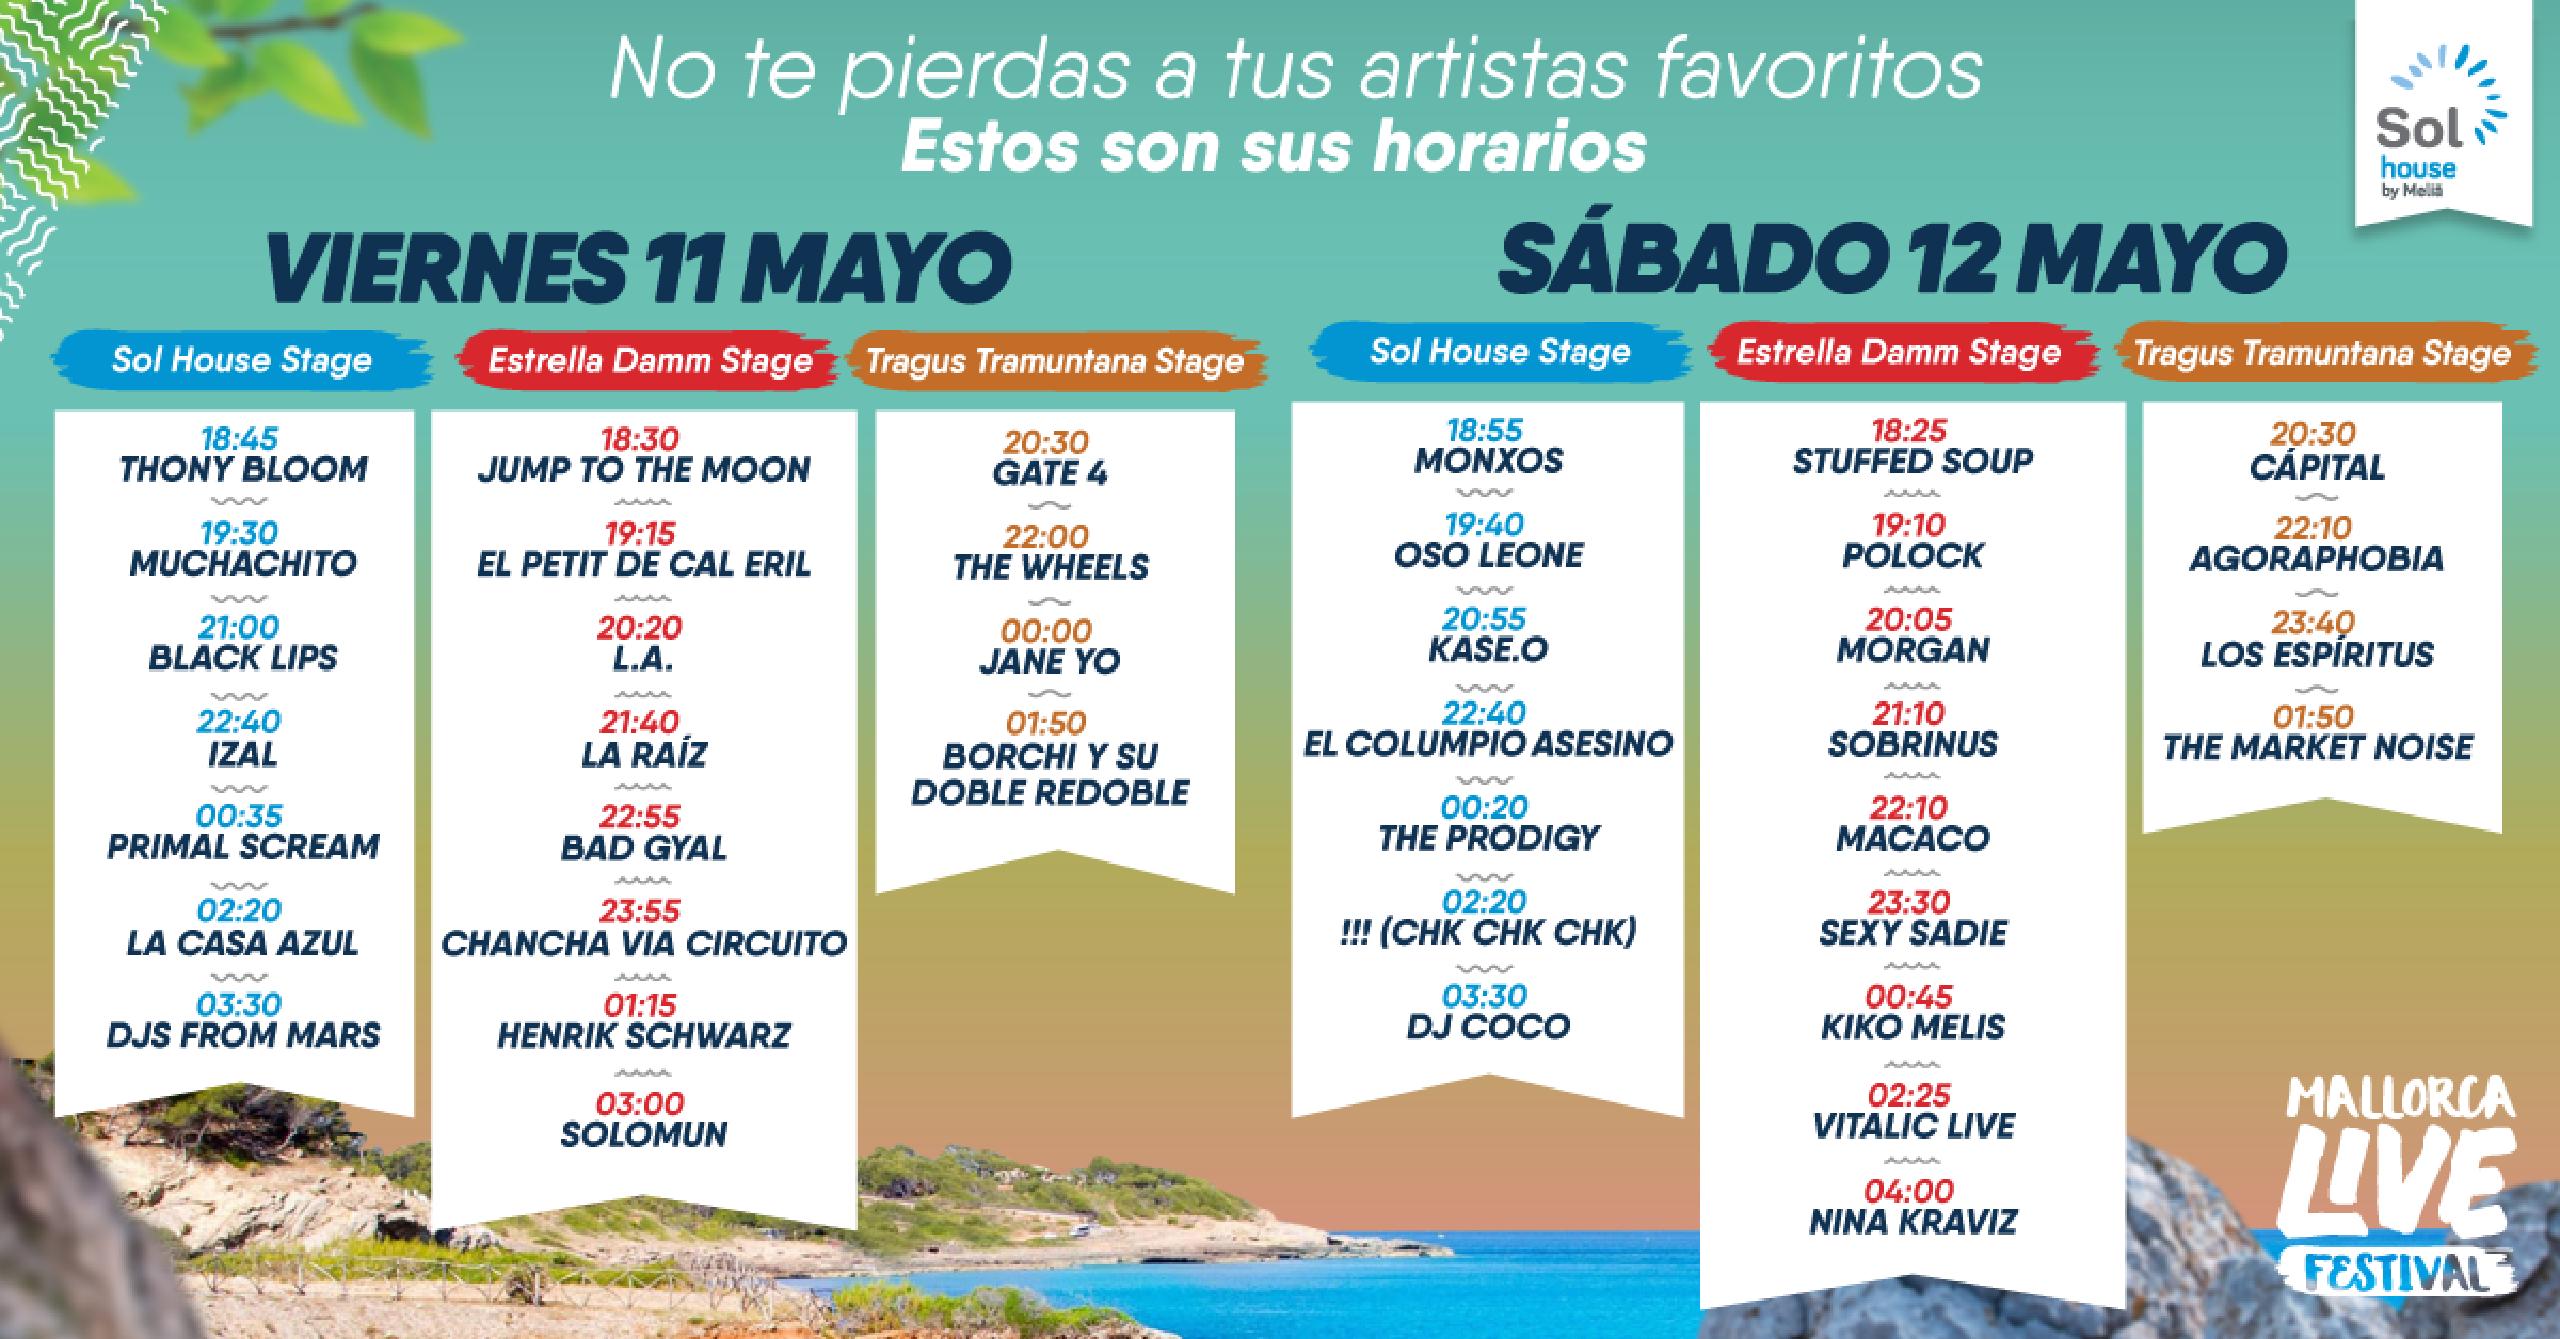 Horarios Mallorca Live Festival 2018